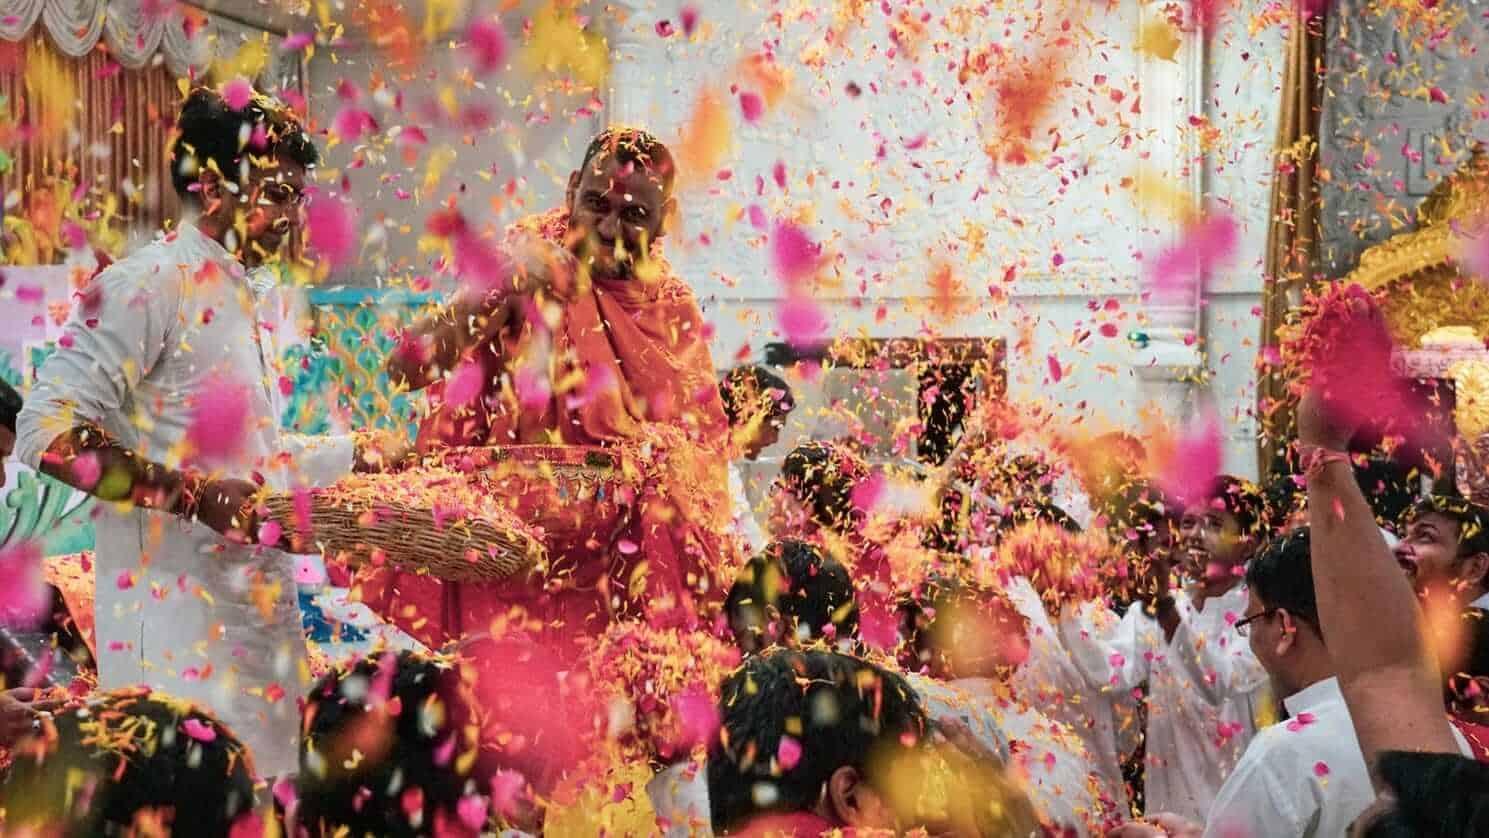 Flowers confetti on Holi